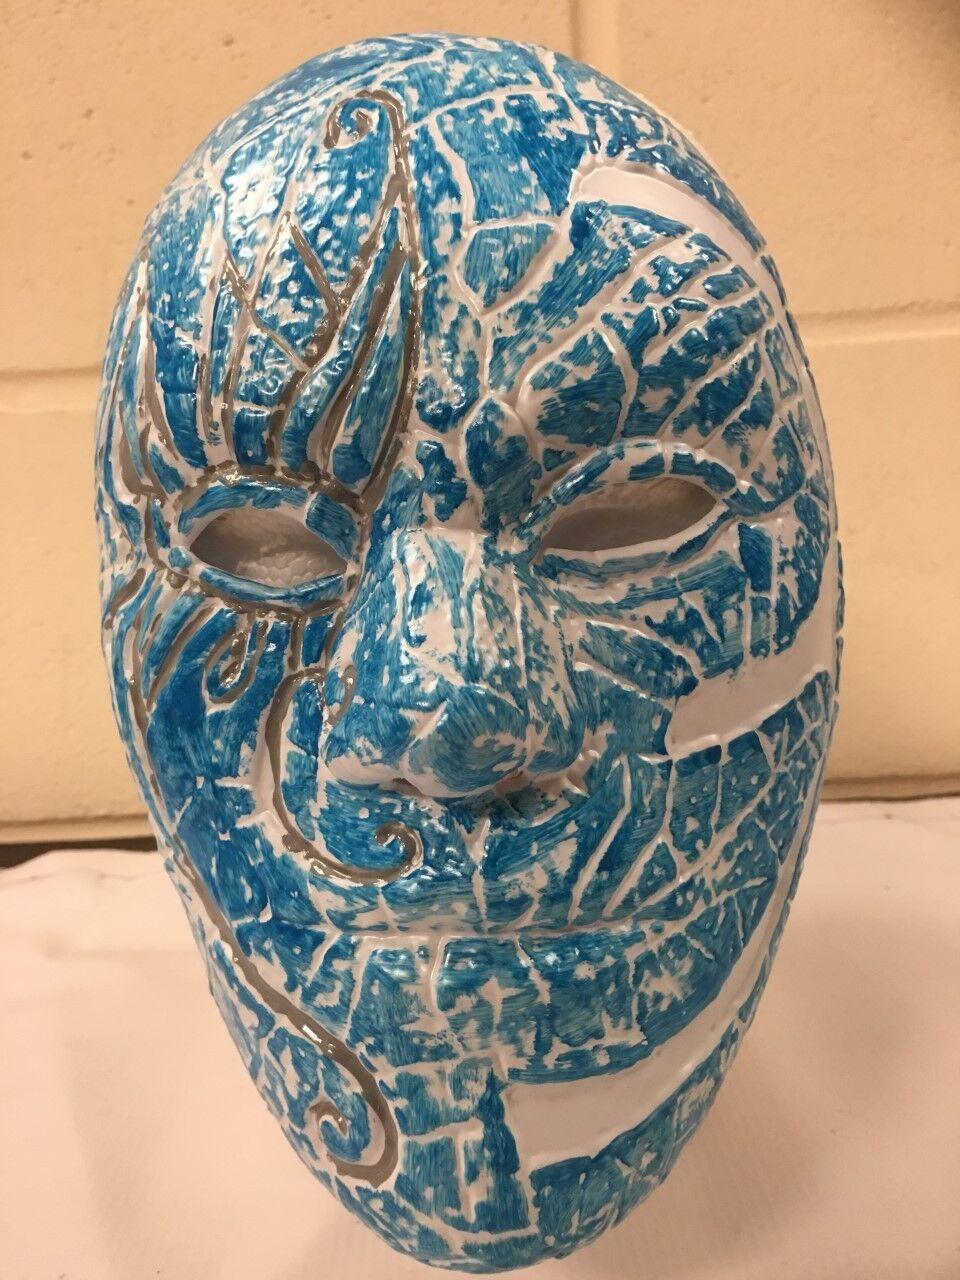 UK Johnny Johnny Johnny 3 Tränen J3t Hollywood Undead Plastik Halloween Kostüm Drei 0a276e